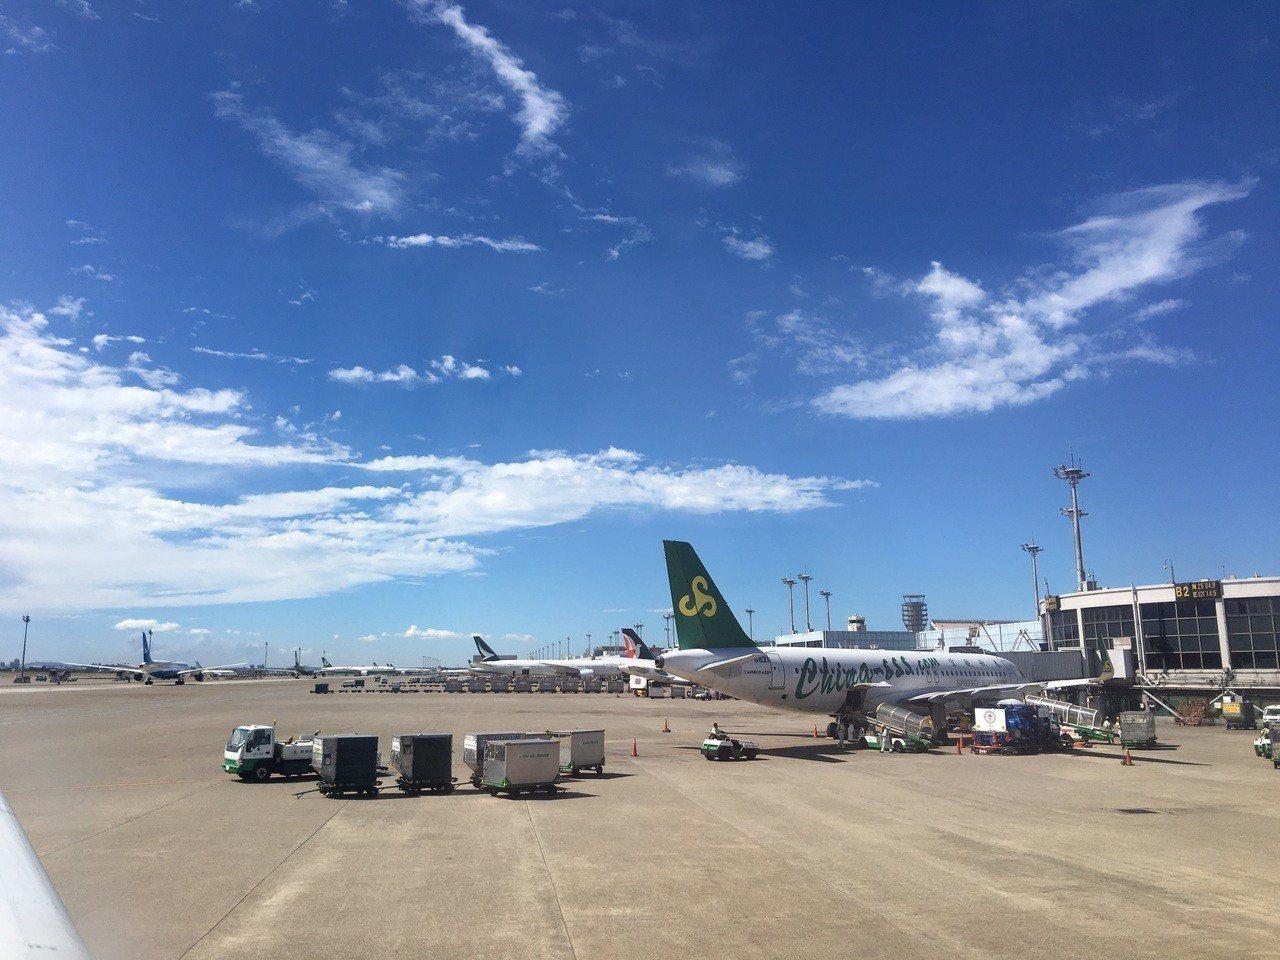 除了乘客行李及郵件外,客機也會載貨物賺取利潤,但可能因此延誤起飛時間。記者魏妤庭...